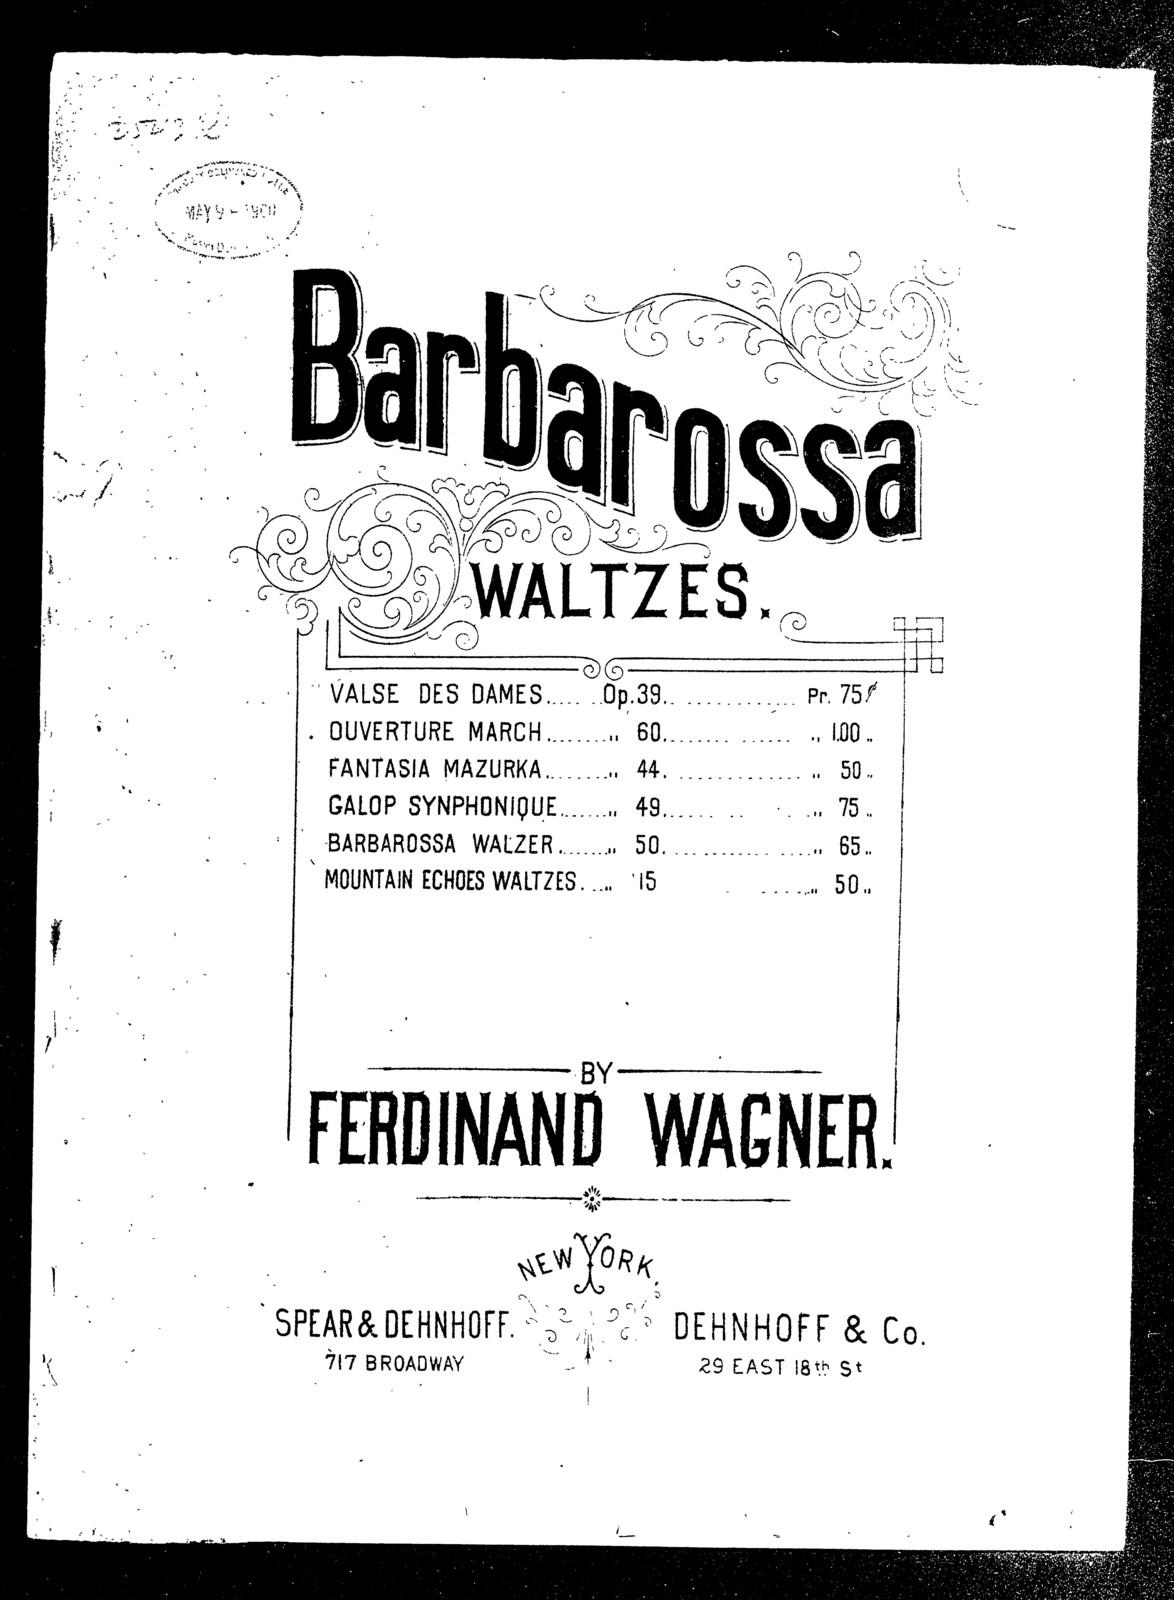 Babarossa walzer